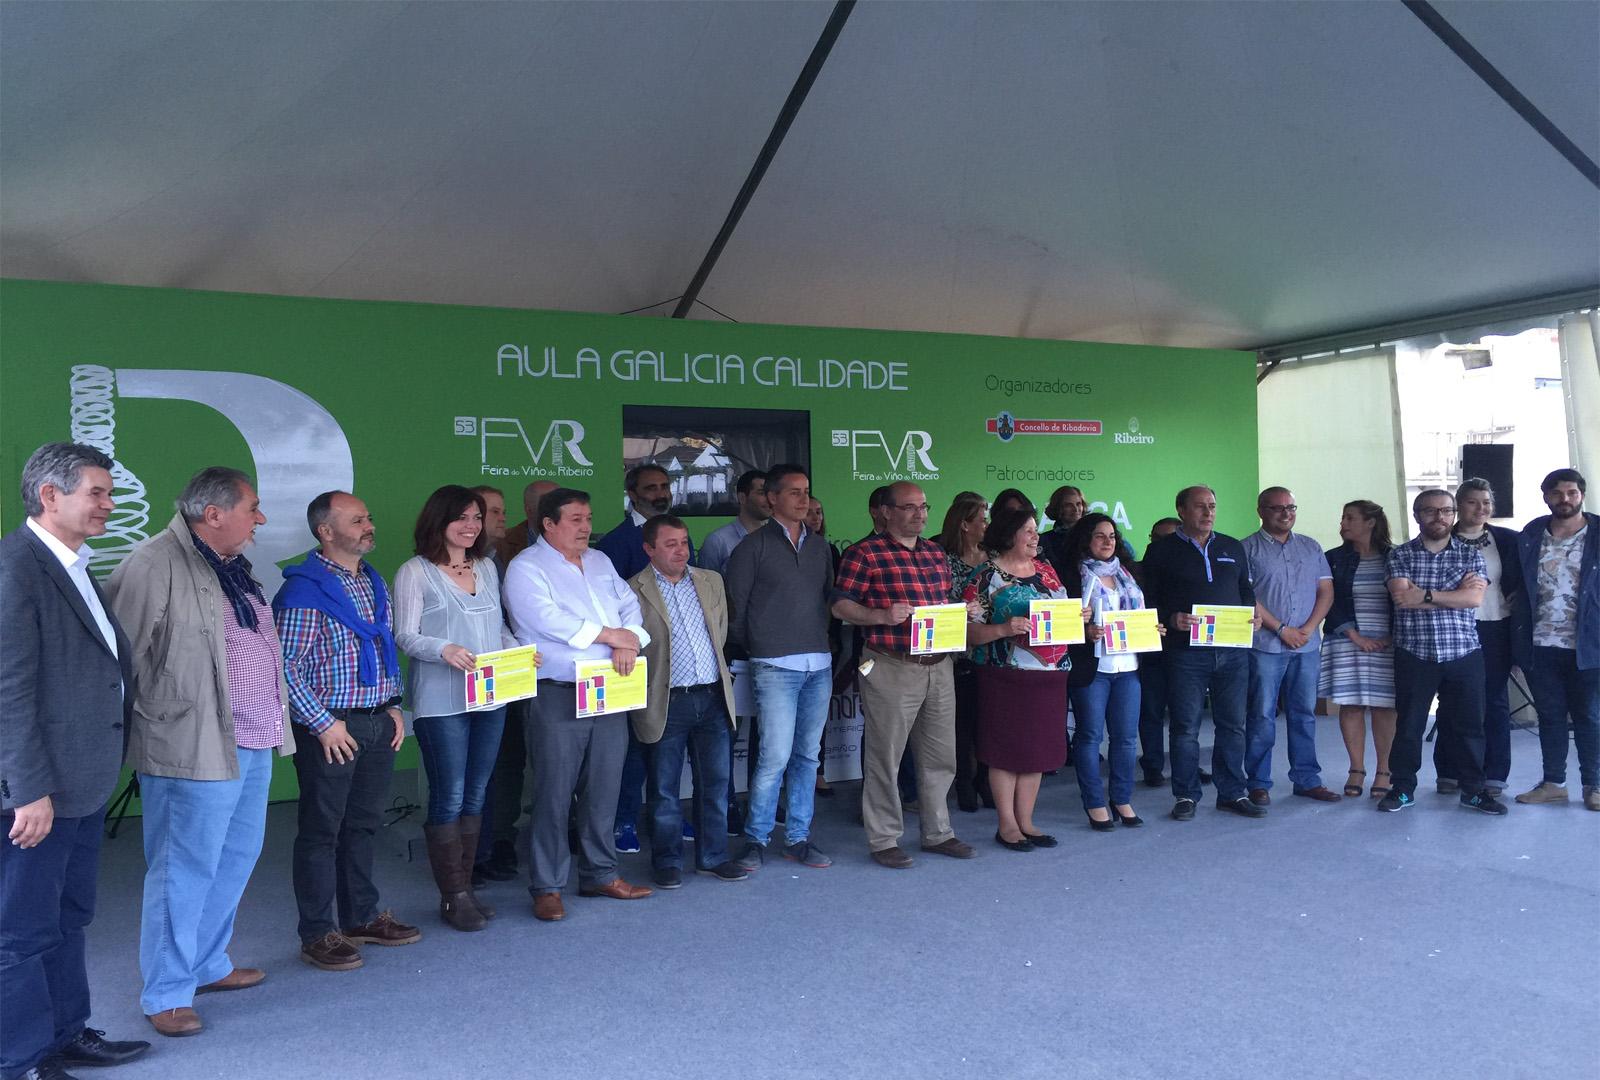 Ganadores de la cata popular de la DO Ribeiro.